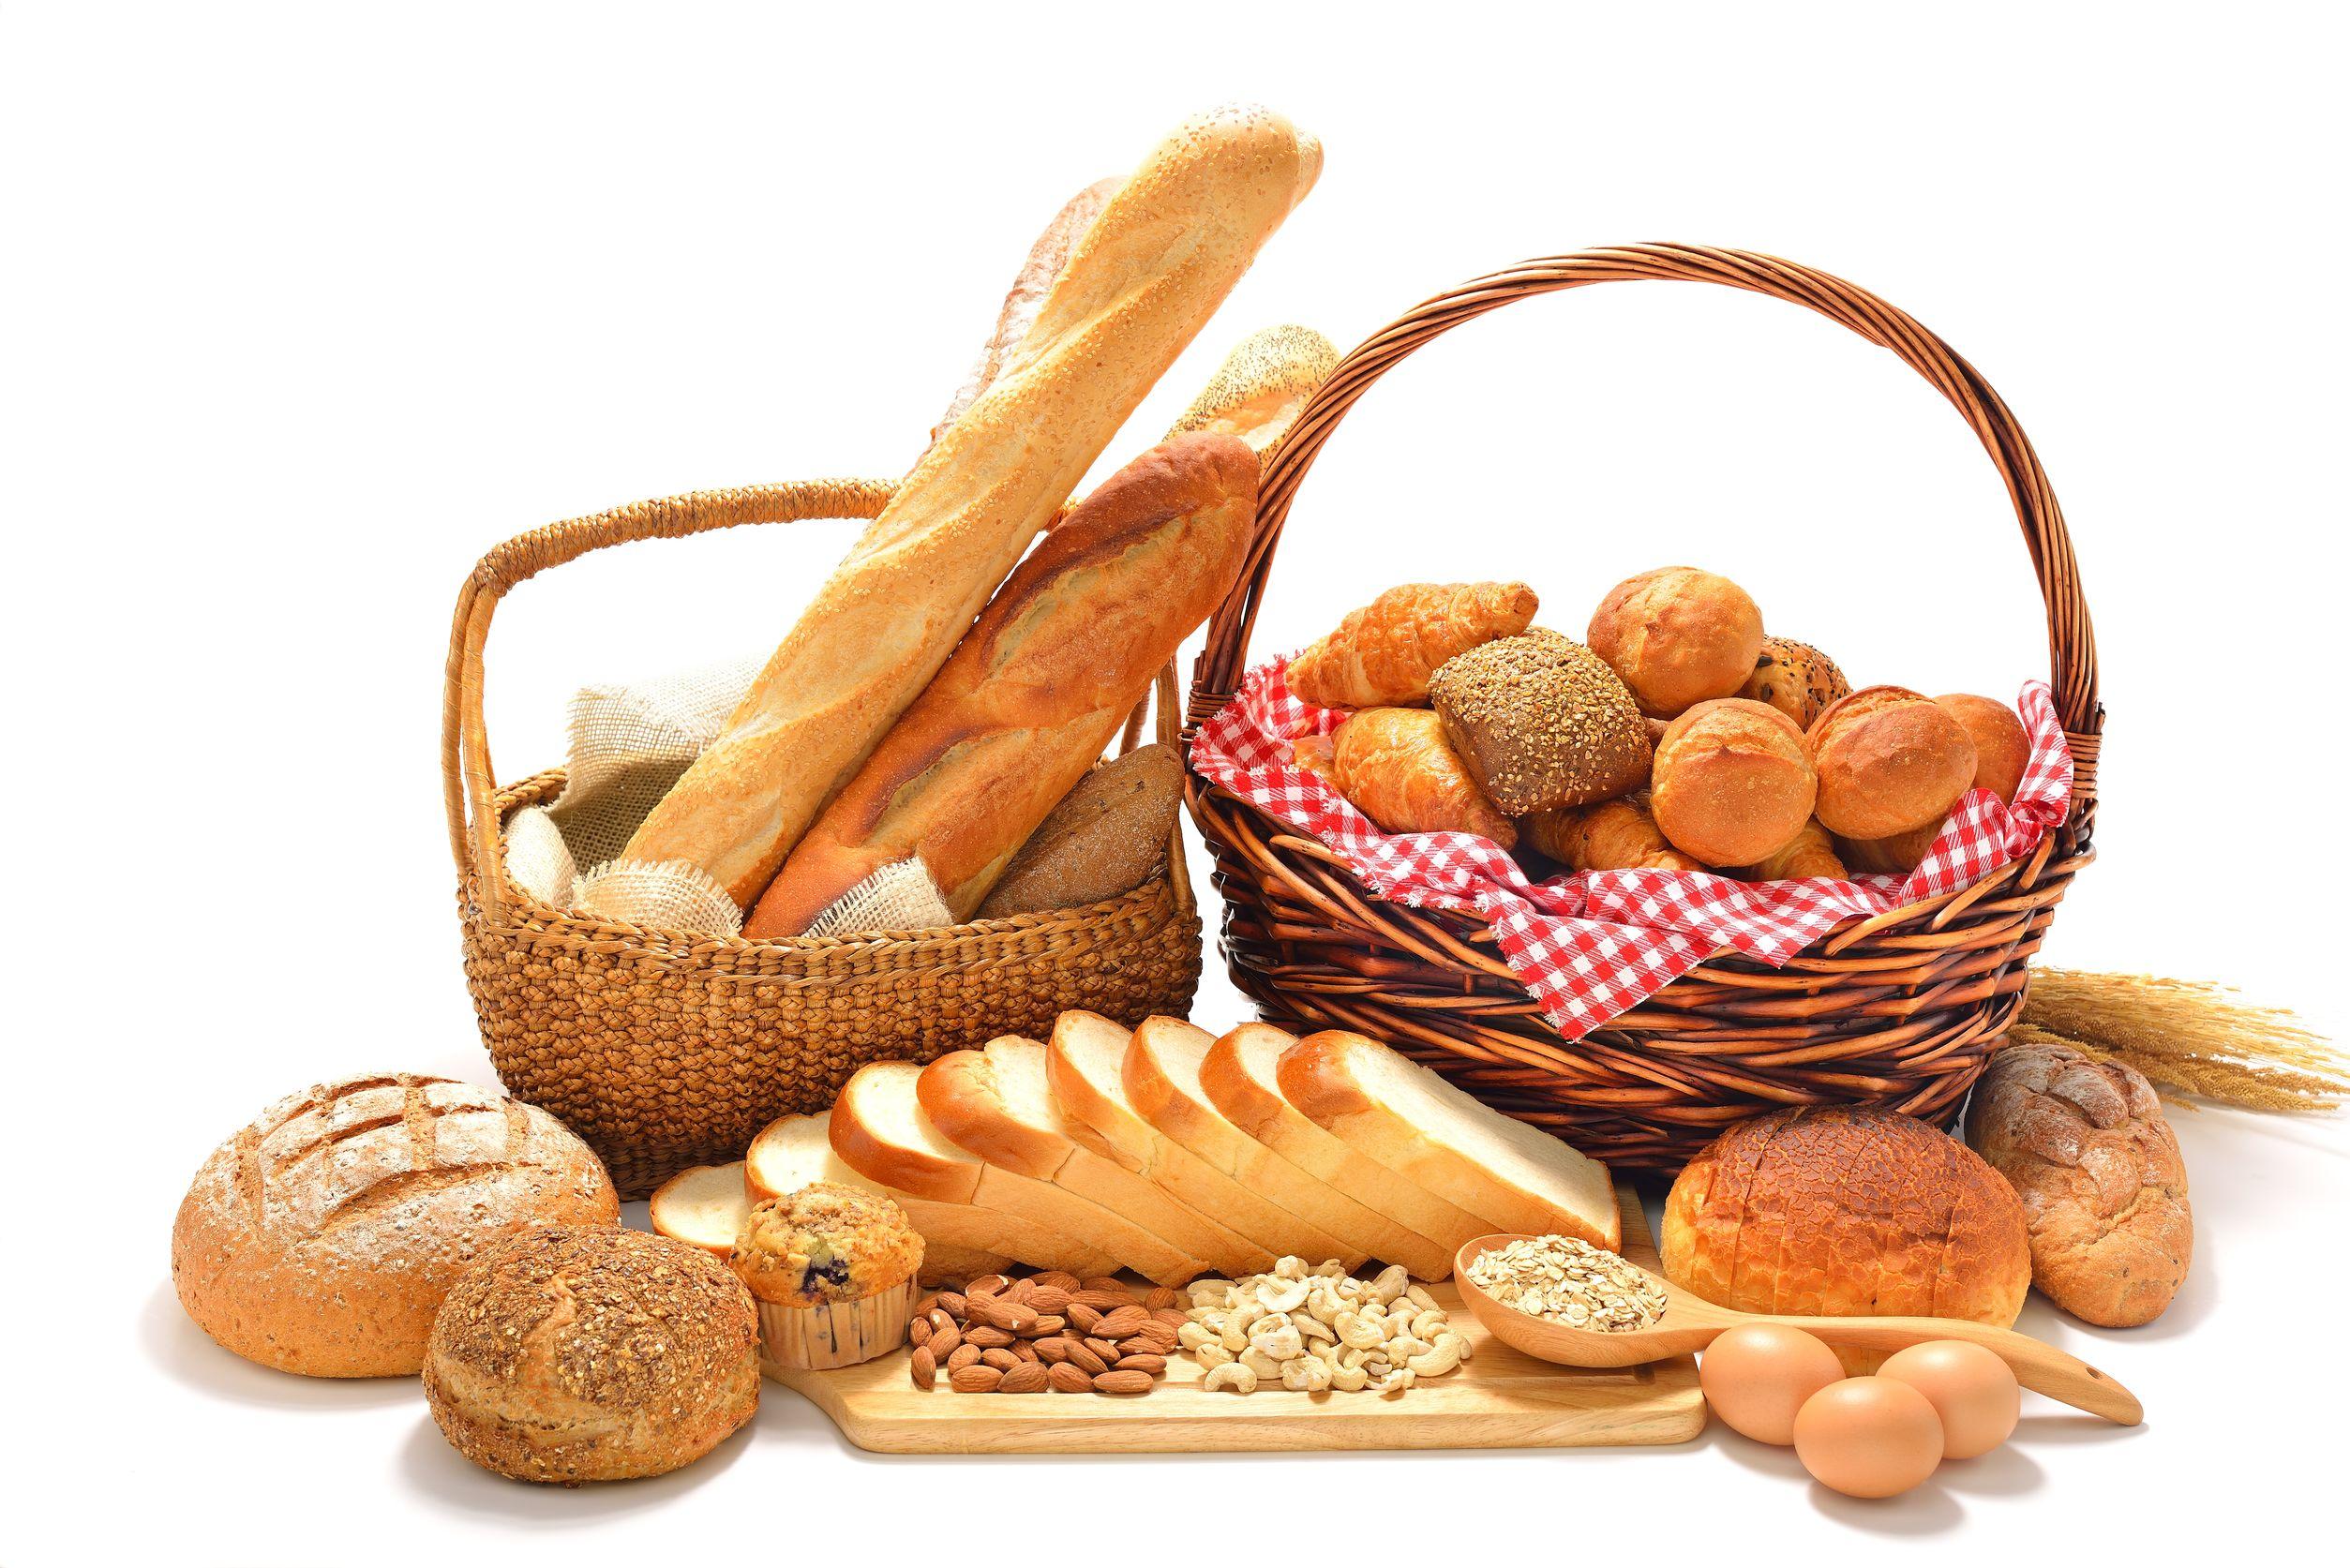 フランスパンや食パンライ麦パンなどたくさんのパンがバスケットなどに入って置かれている